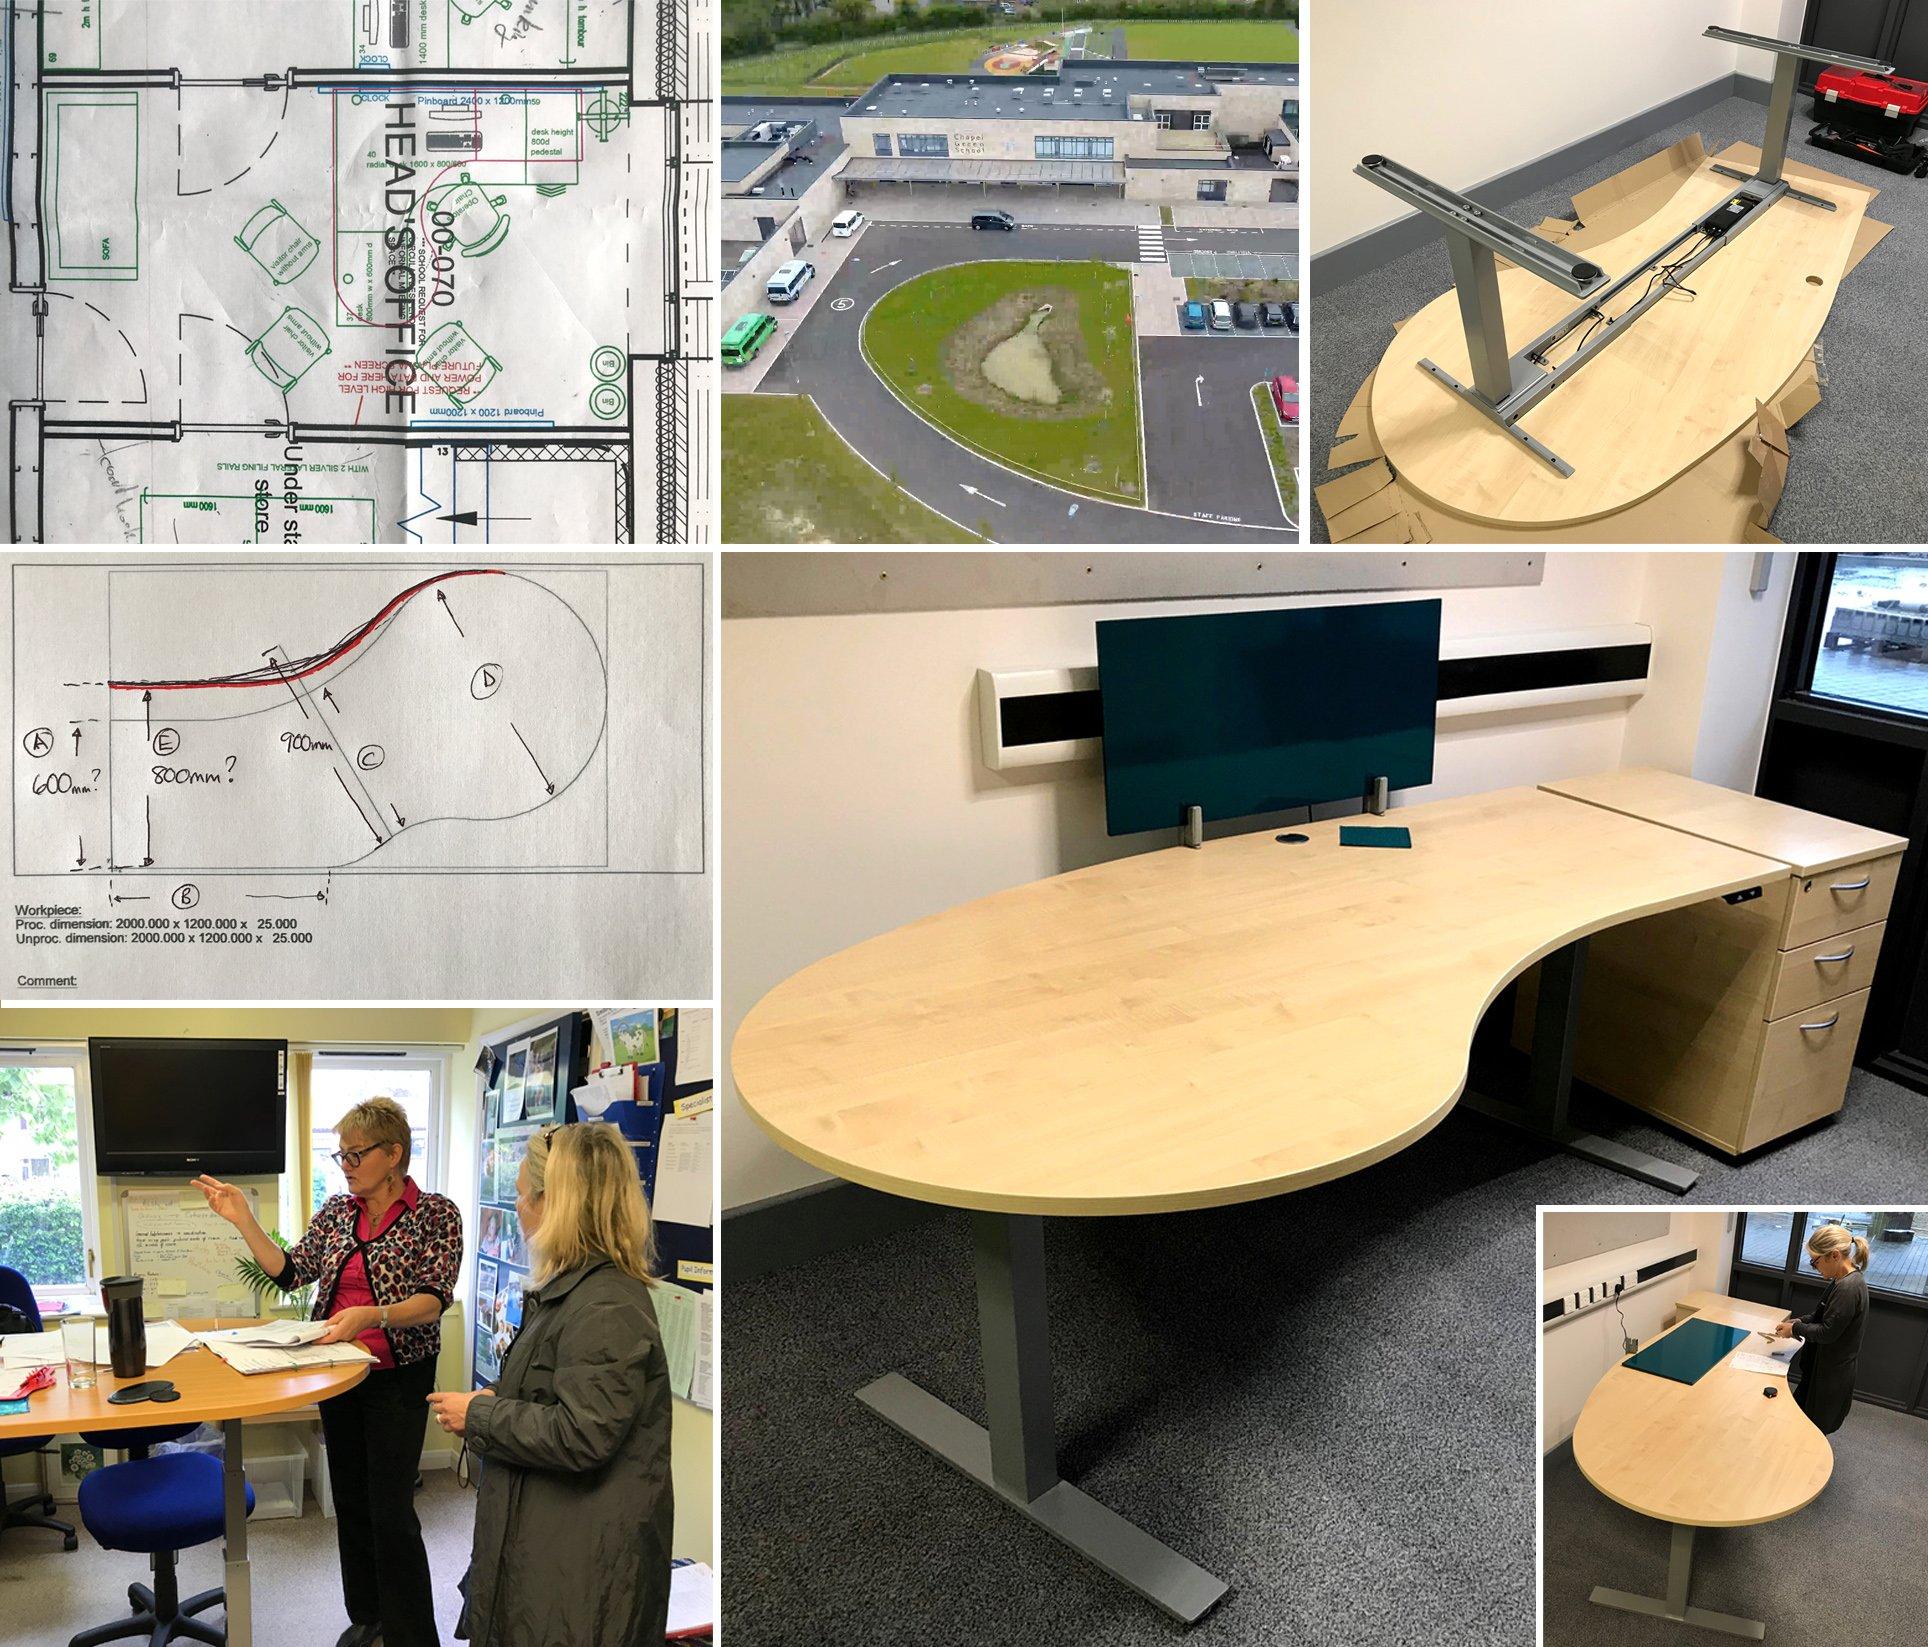 Chapel Green School - Case Study